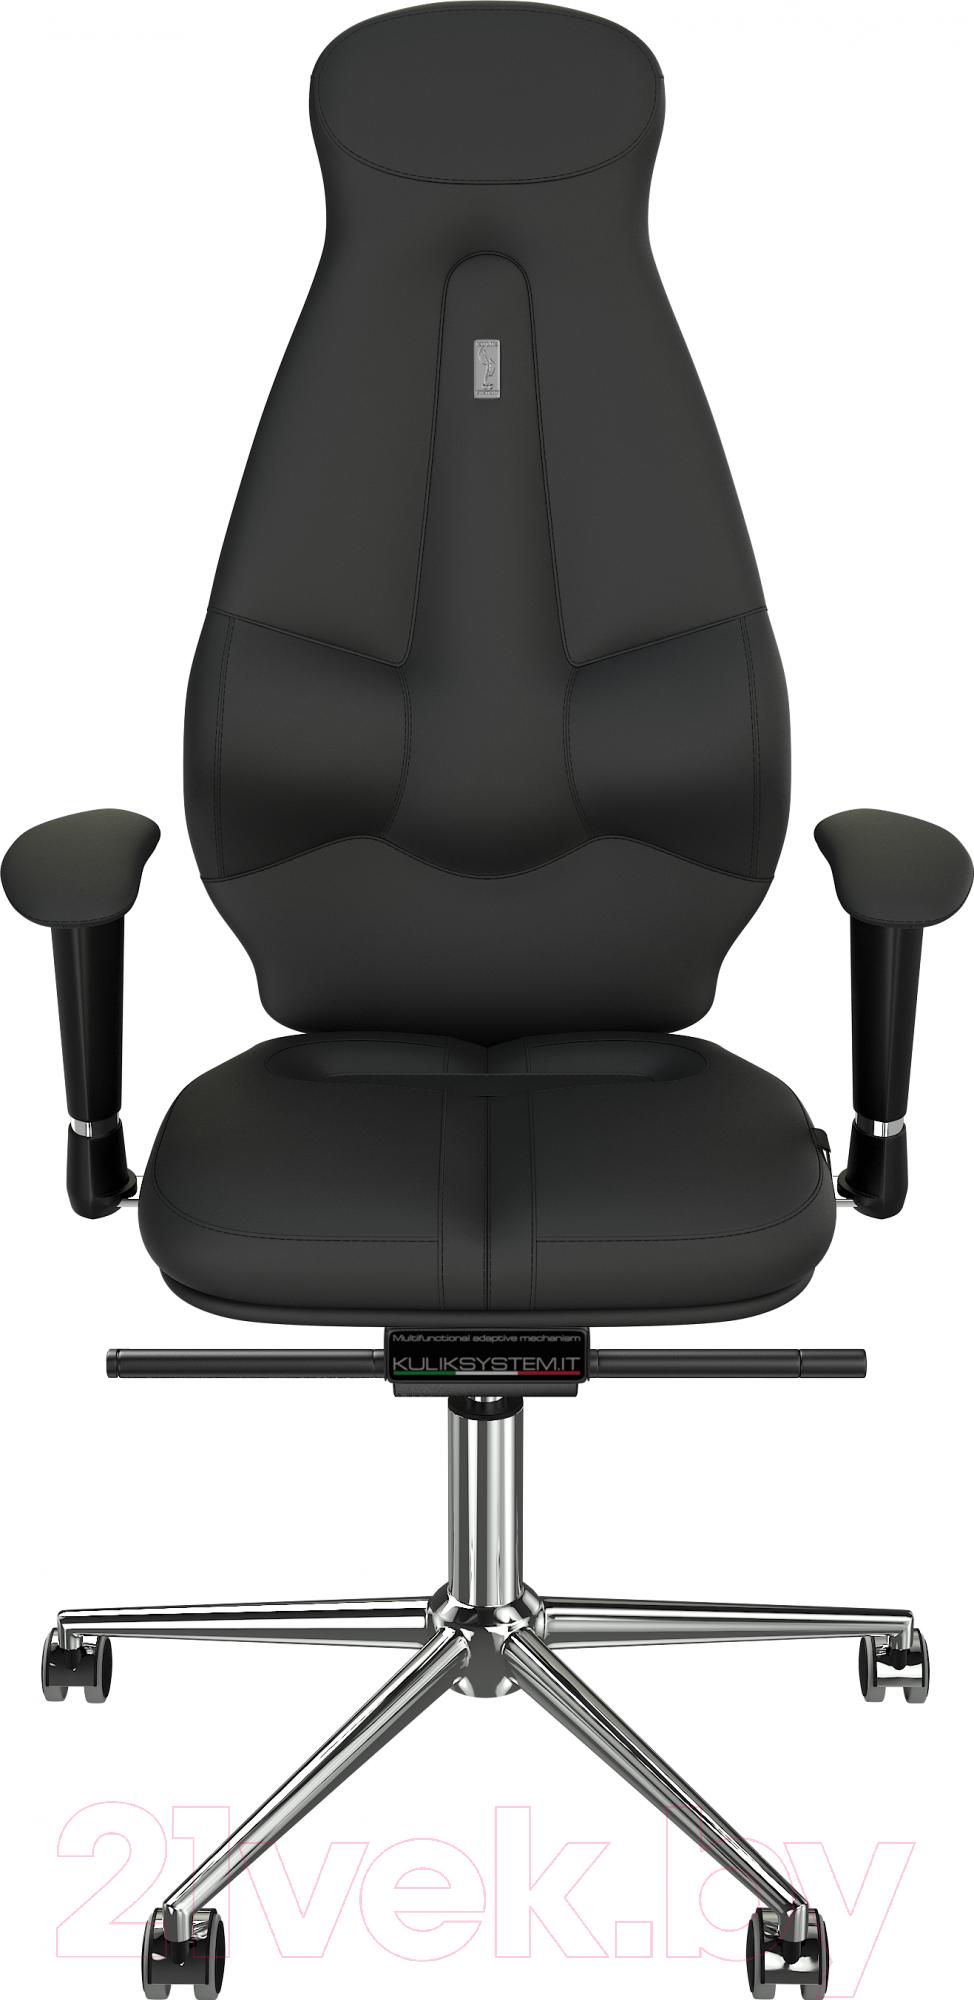 Купить Кресло офисное Kulik System, Galaxy кожа натуральная (черный), Украина, Galaxy (Kulik System)